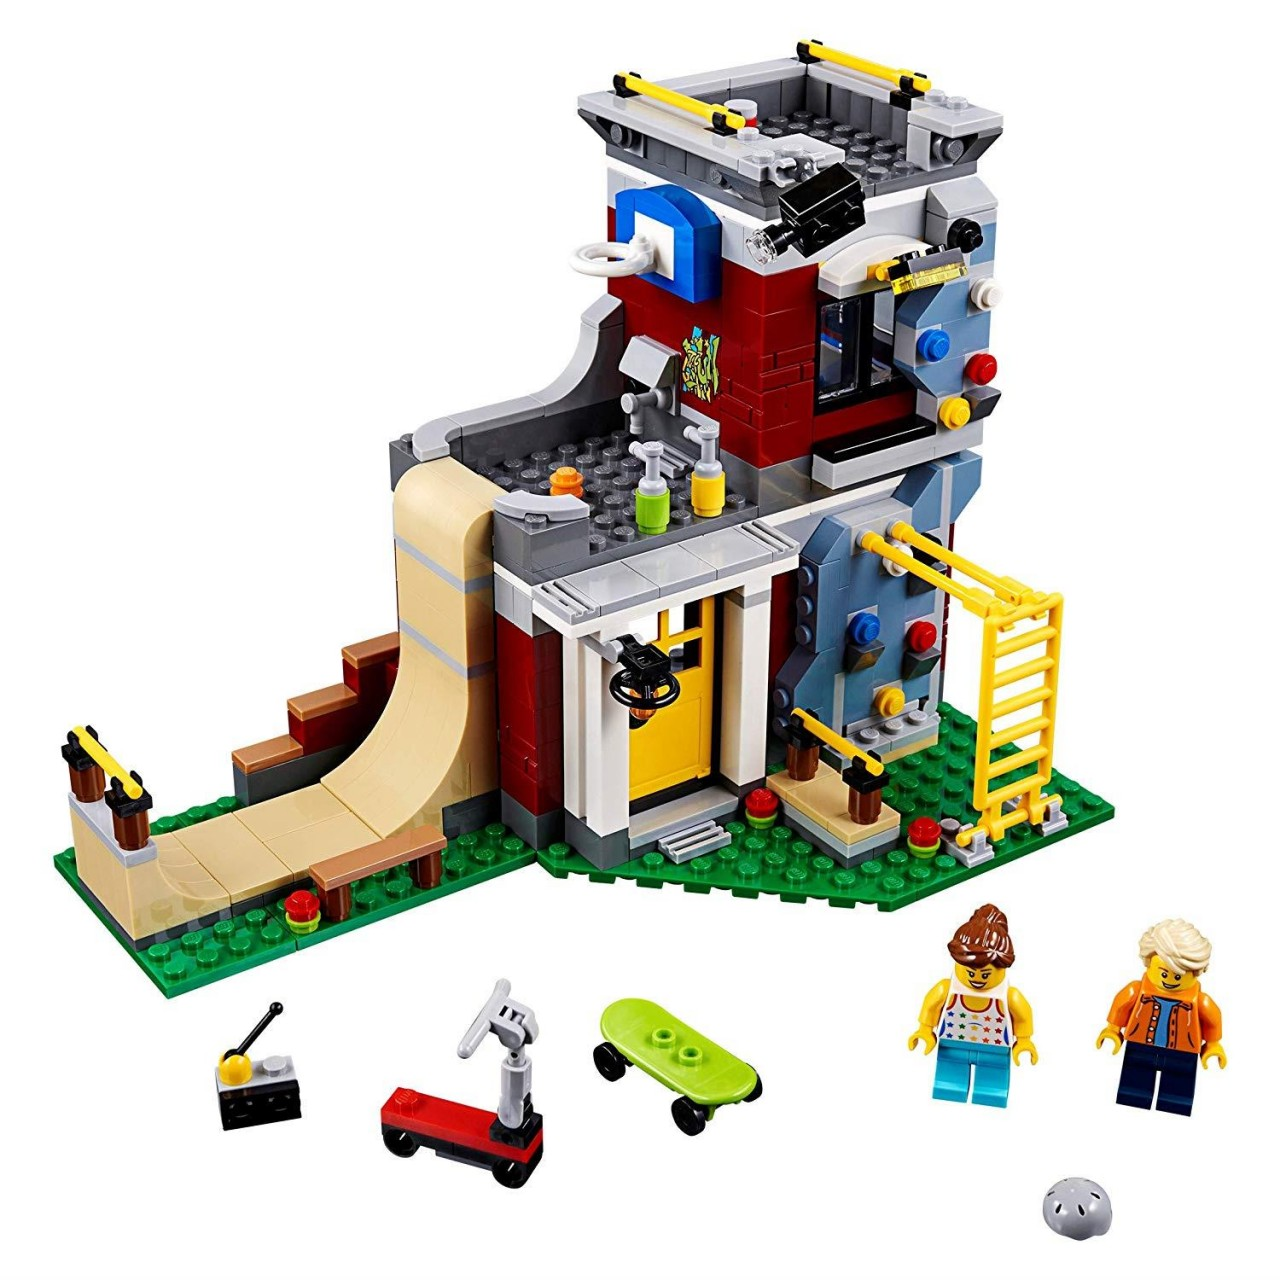 LEGO CREATOR 31081 Modulares Freizeitzentrum